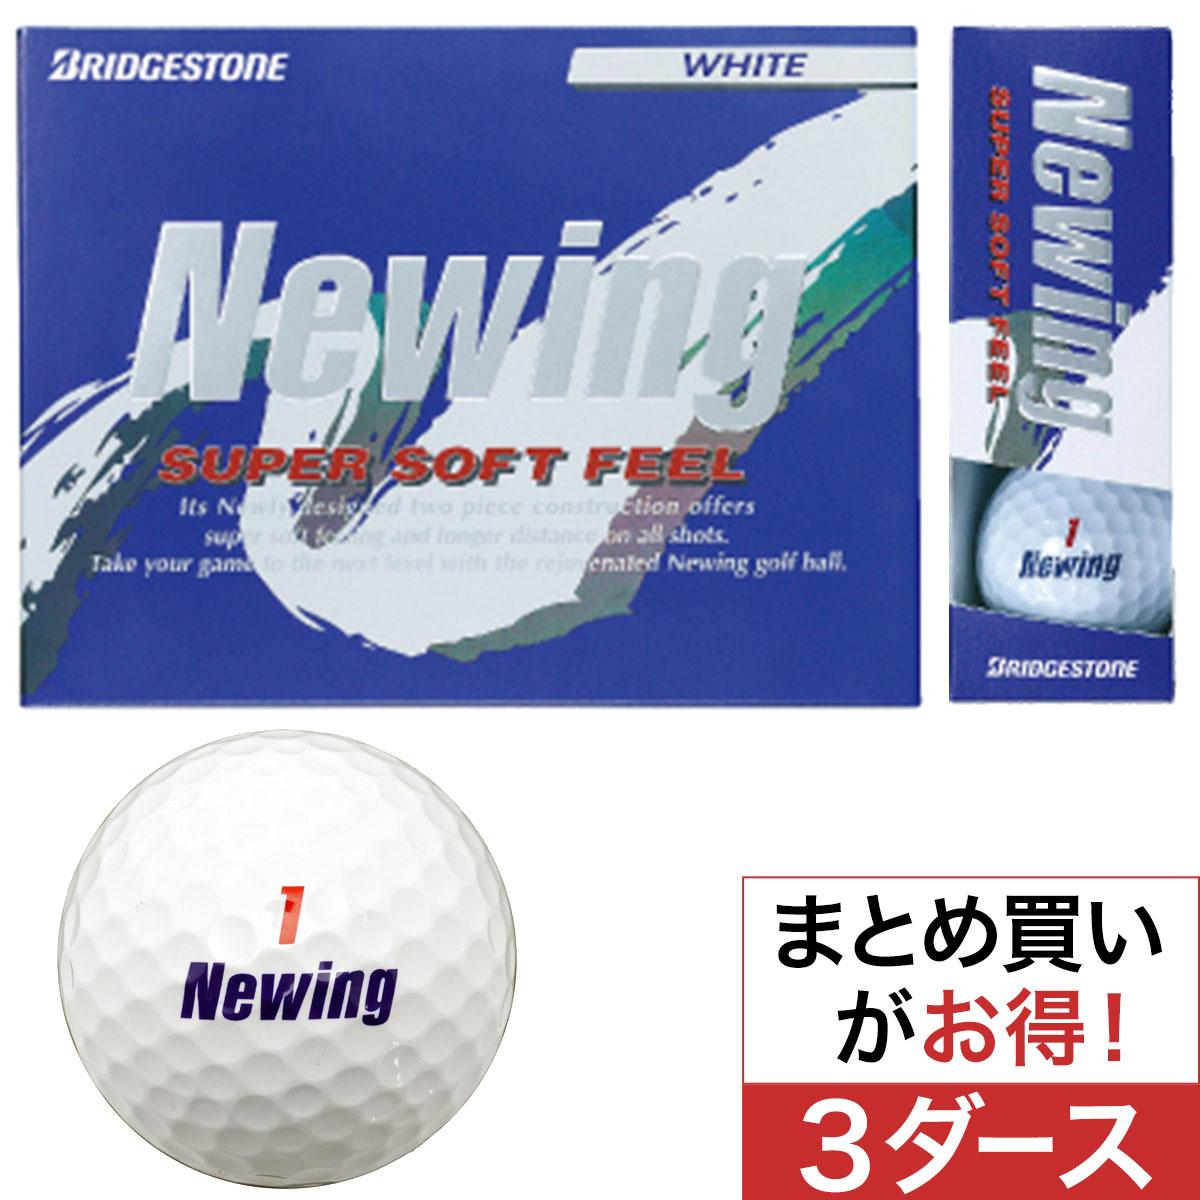 ニューイング SUPER SOFT FEEL ボール 3ダースセット